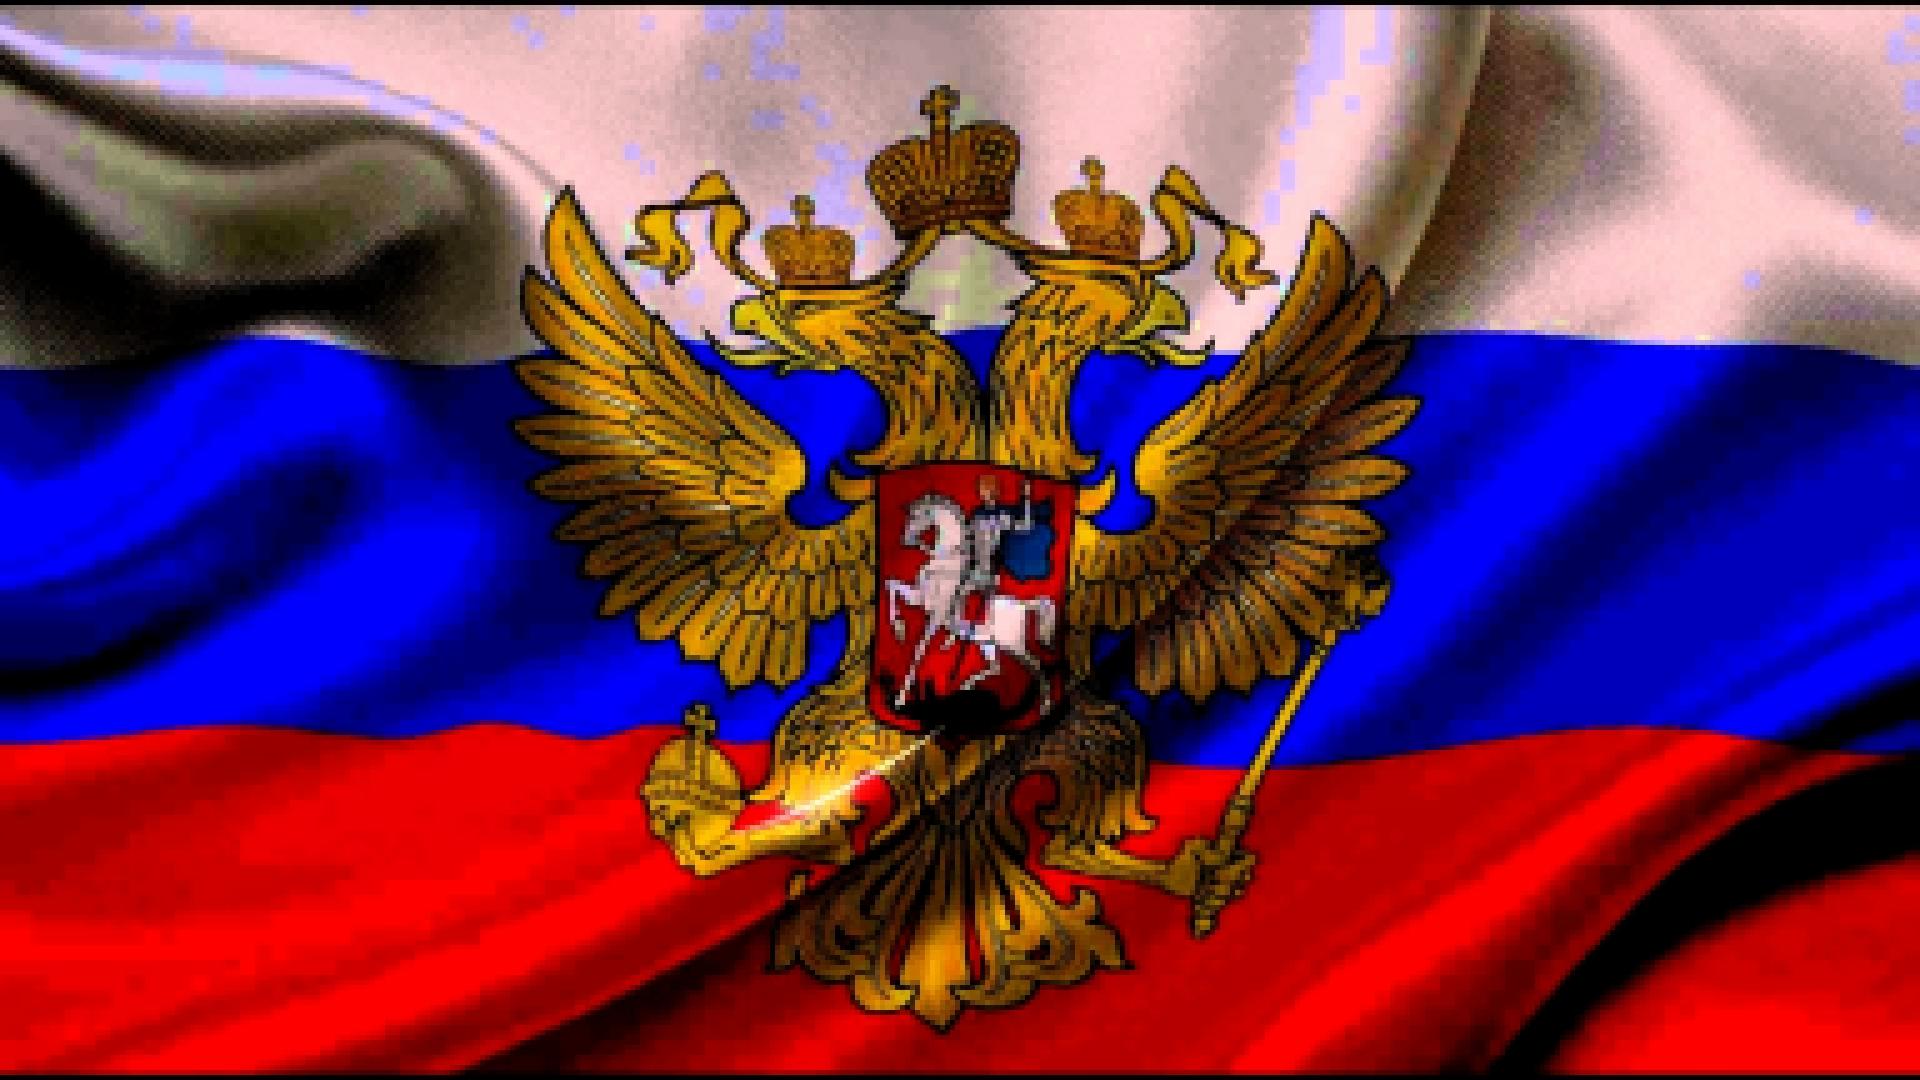 обои российская империя для рабочего стола № 823248 бесплатно